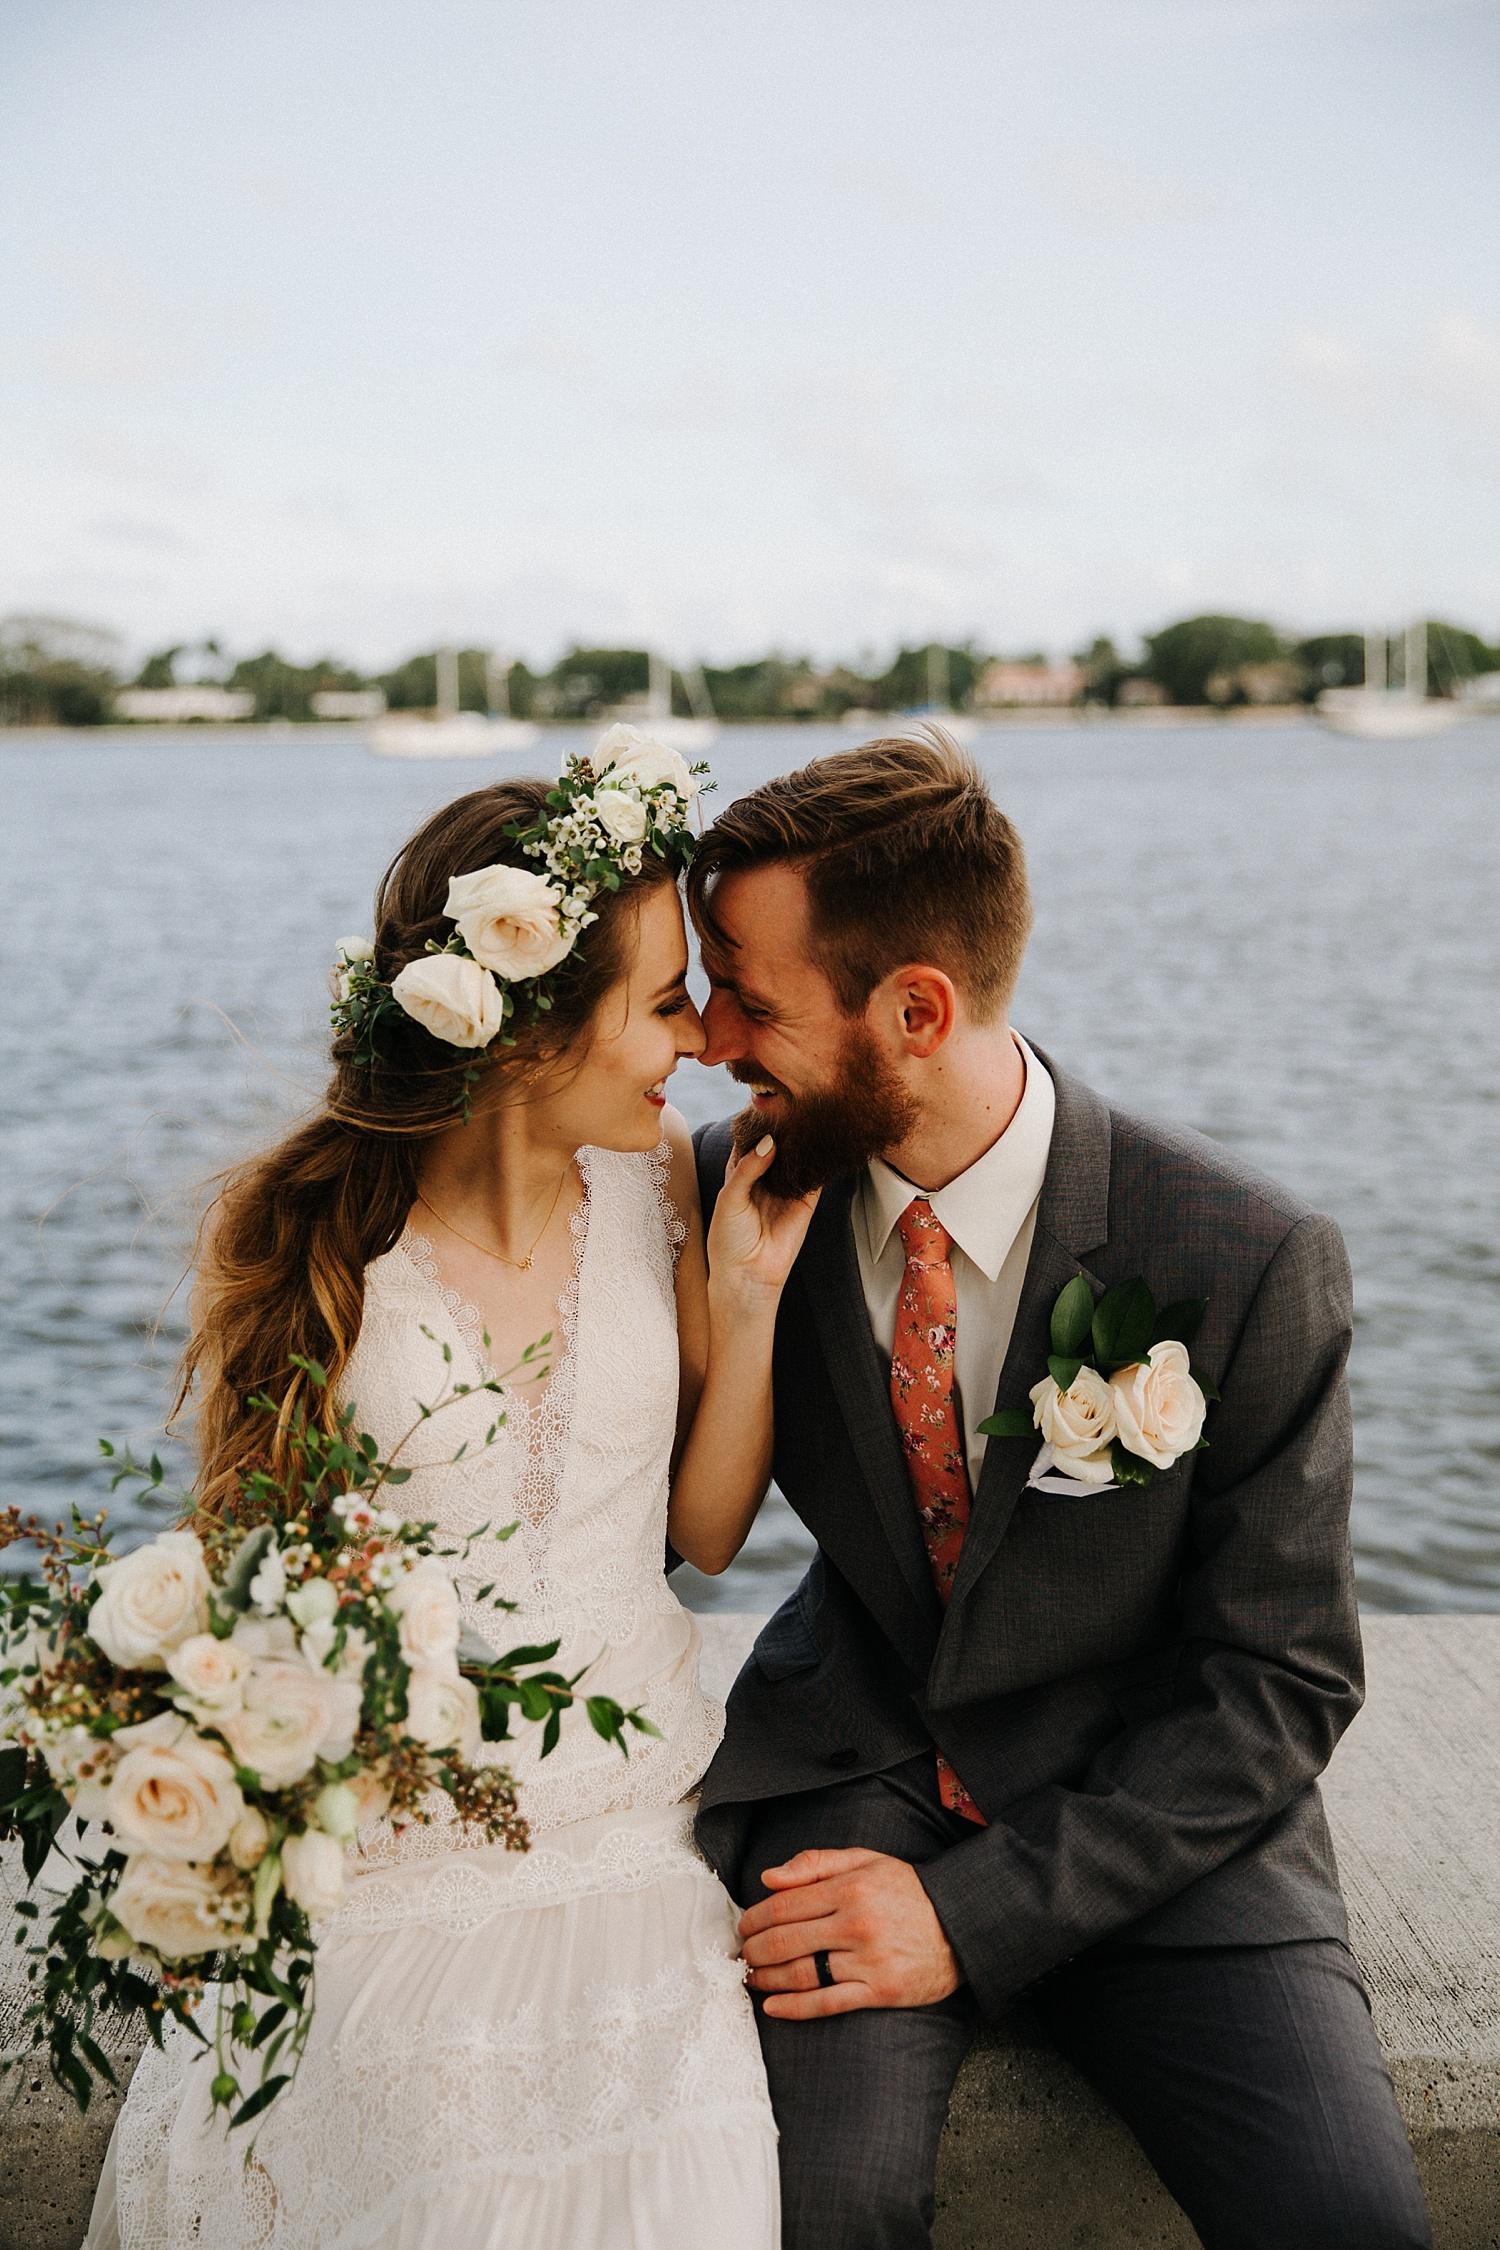 Peter + Kareena Rineer Downtown West Palm Beach December Wedding 2018_0038.jpg